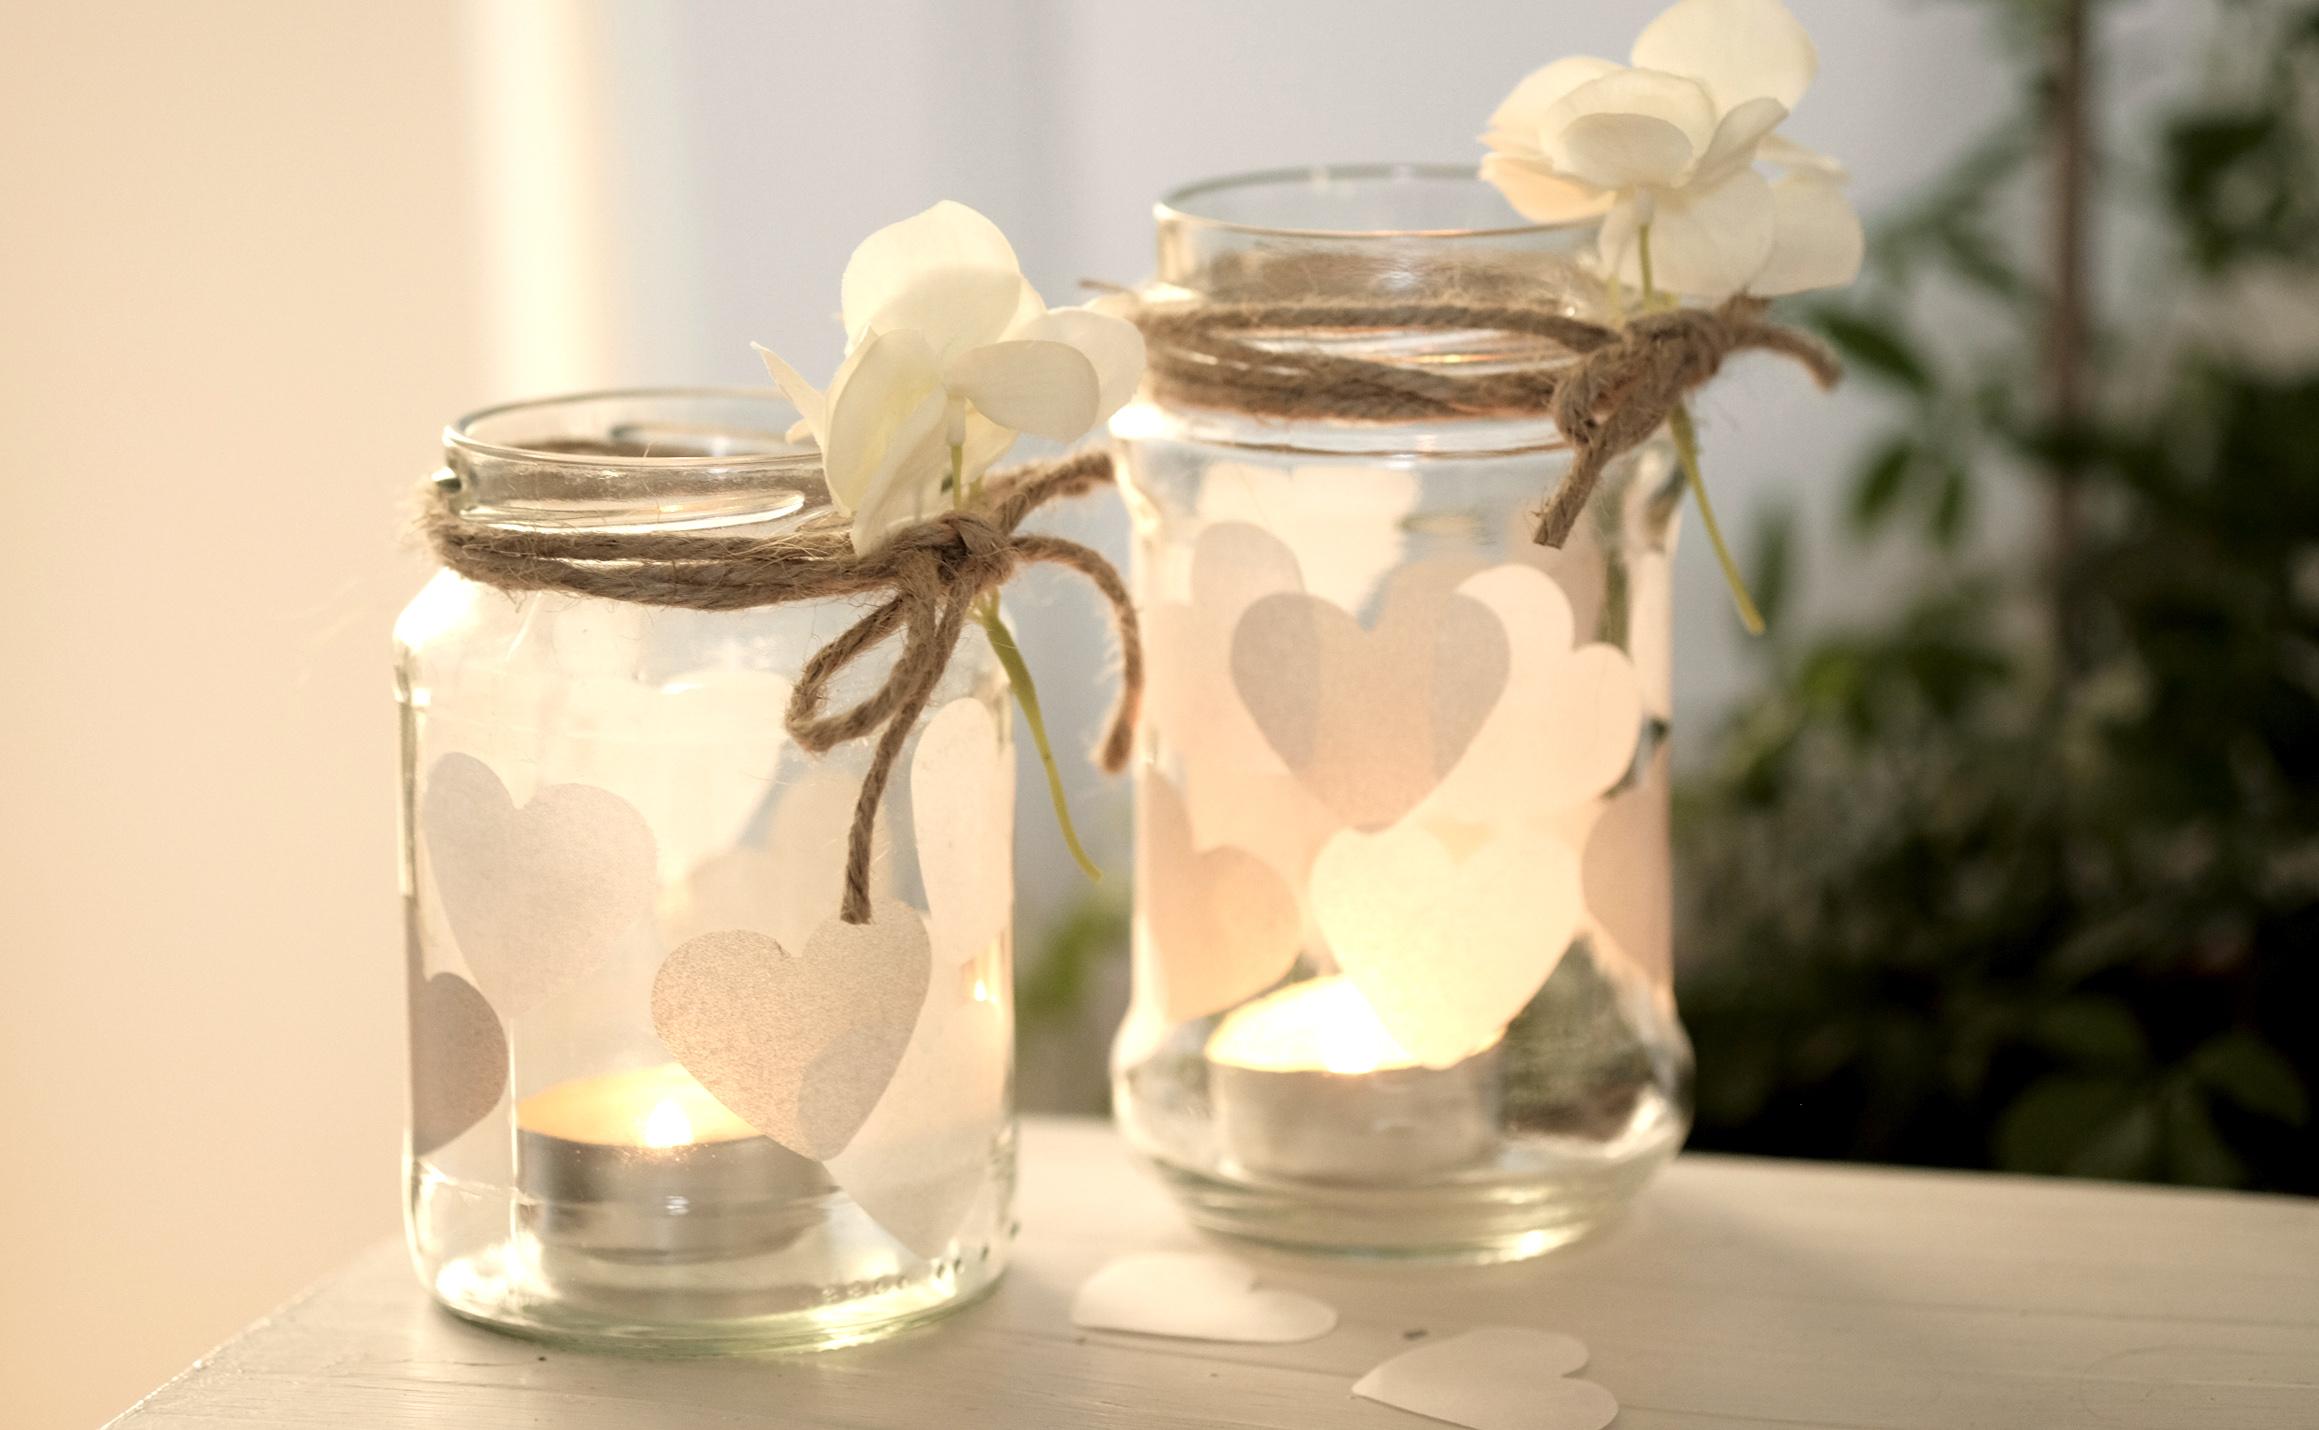 Mit Selbstgestalteten Windlichtern Im Romantischen Design Kommt Garantiert  Feierliche Stimmung Auf! Das Beste Daran: Es Kostet Fast Nichts Und Das  Basteln ...